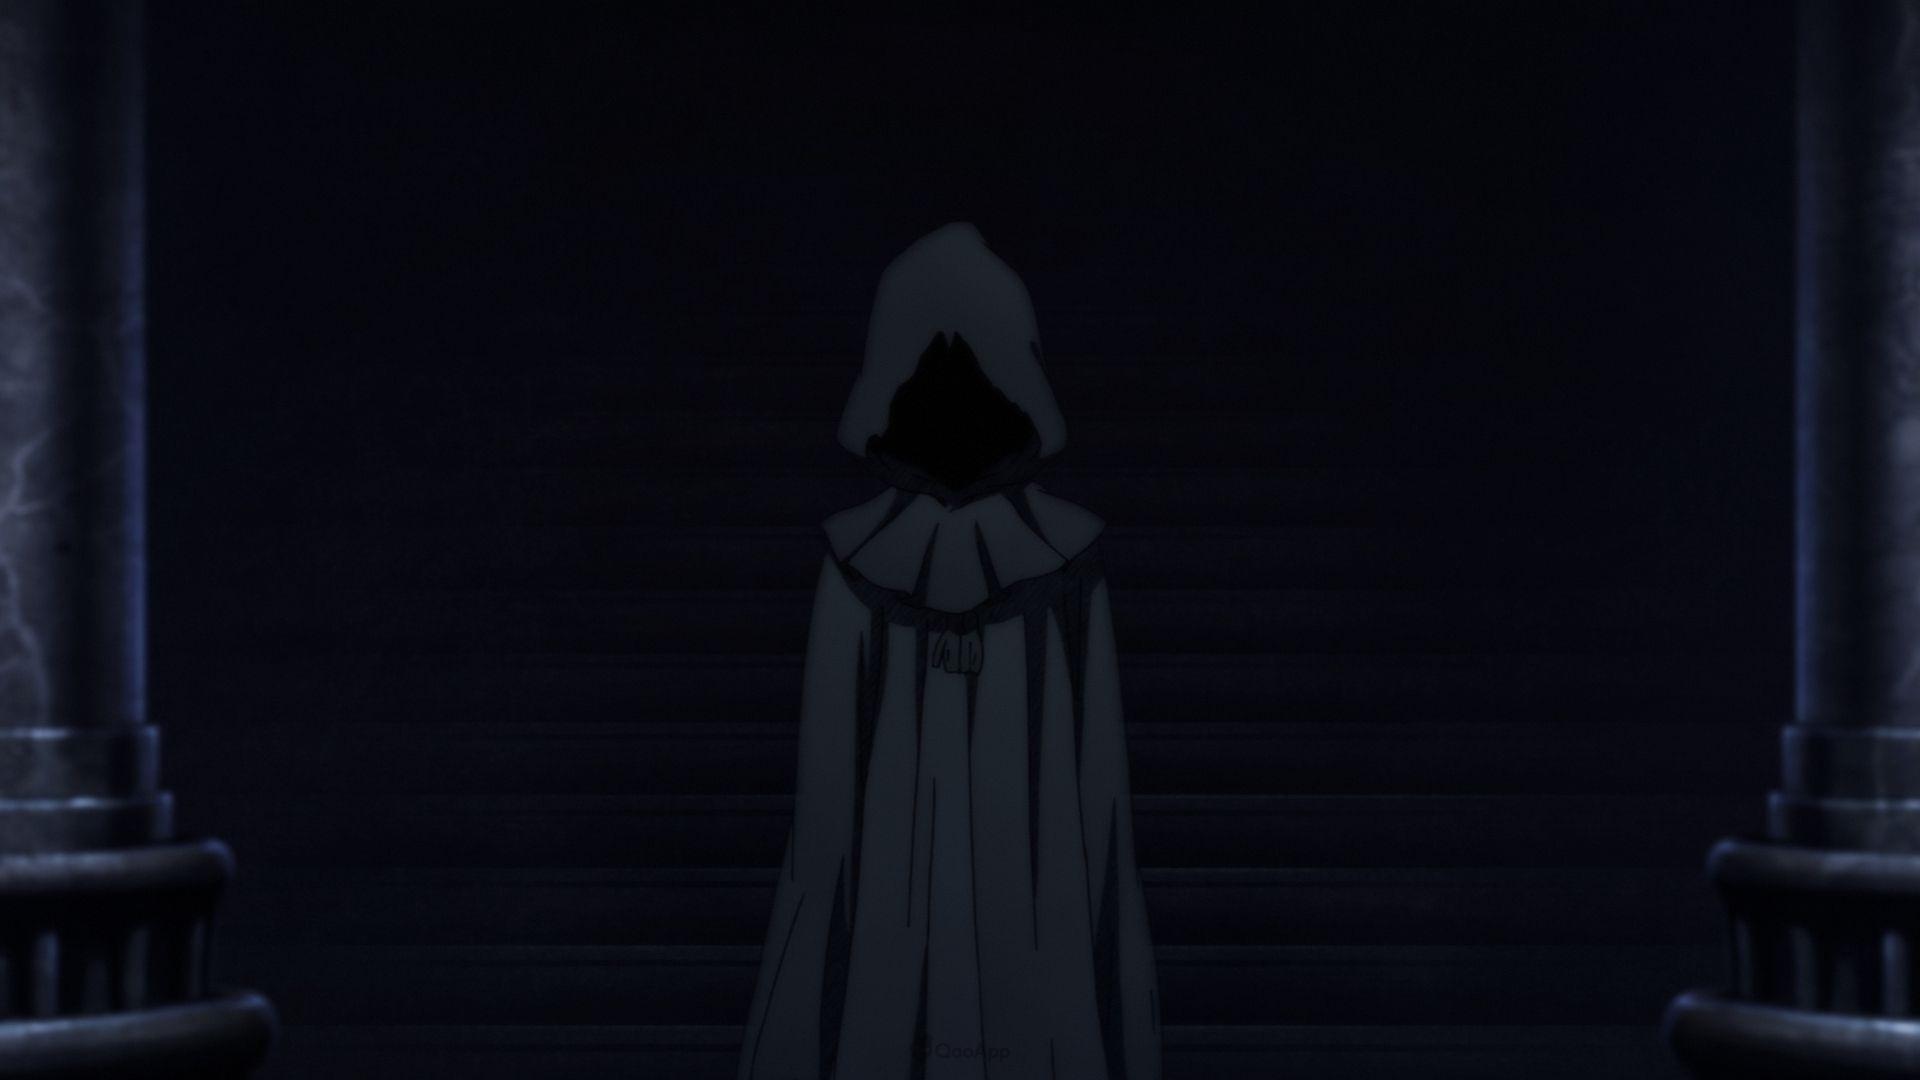 Shadows House Anime Confirms 2nd Season with New Teaser